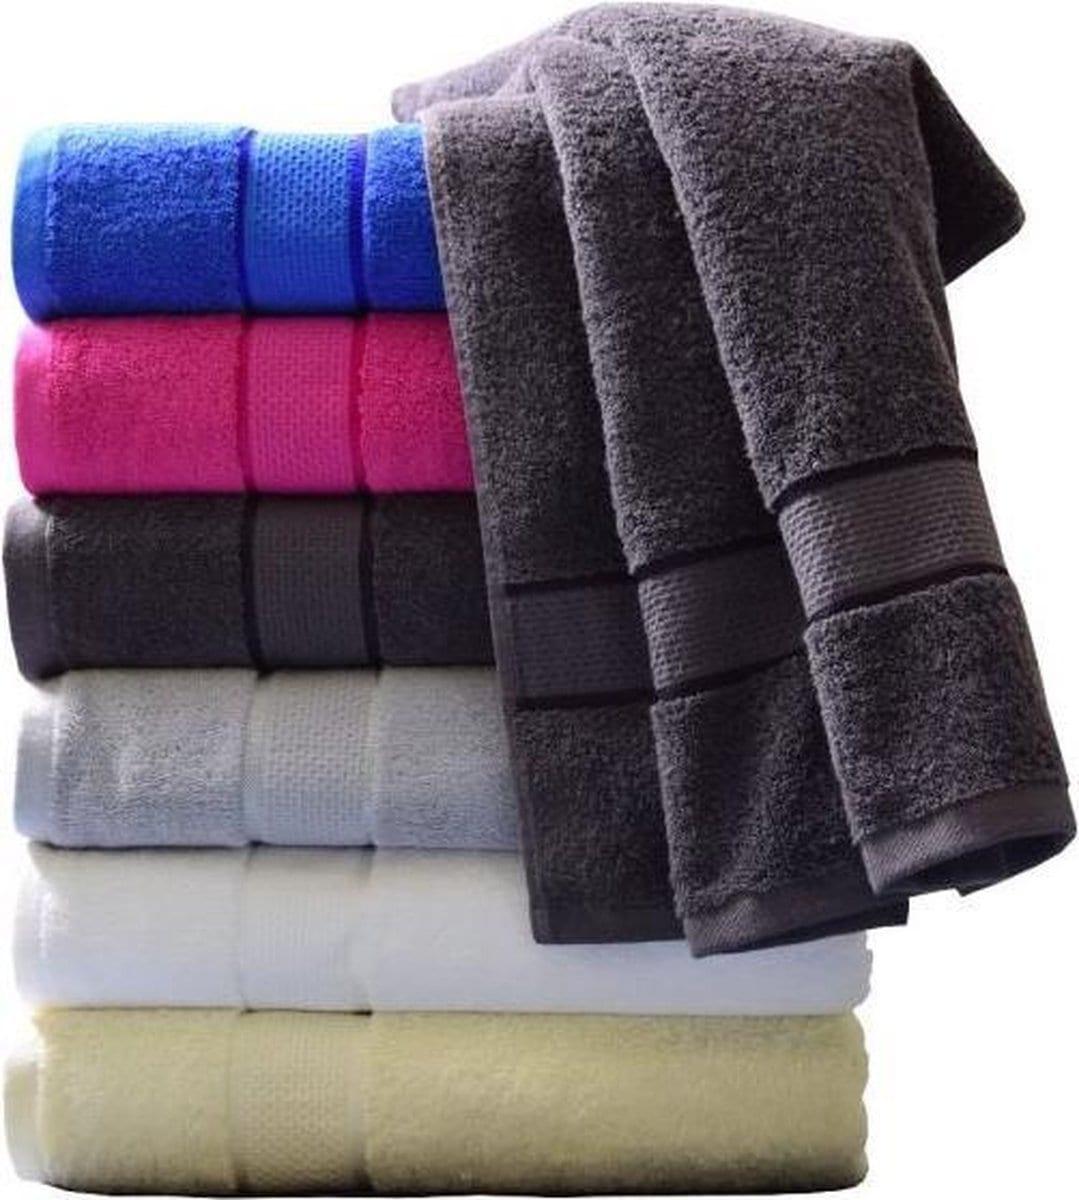 Stapel handdoeken vooraanzicht